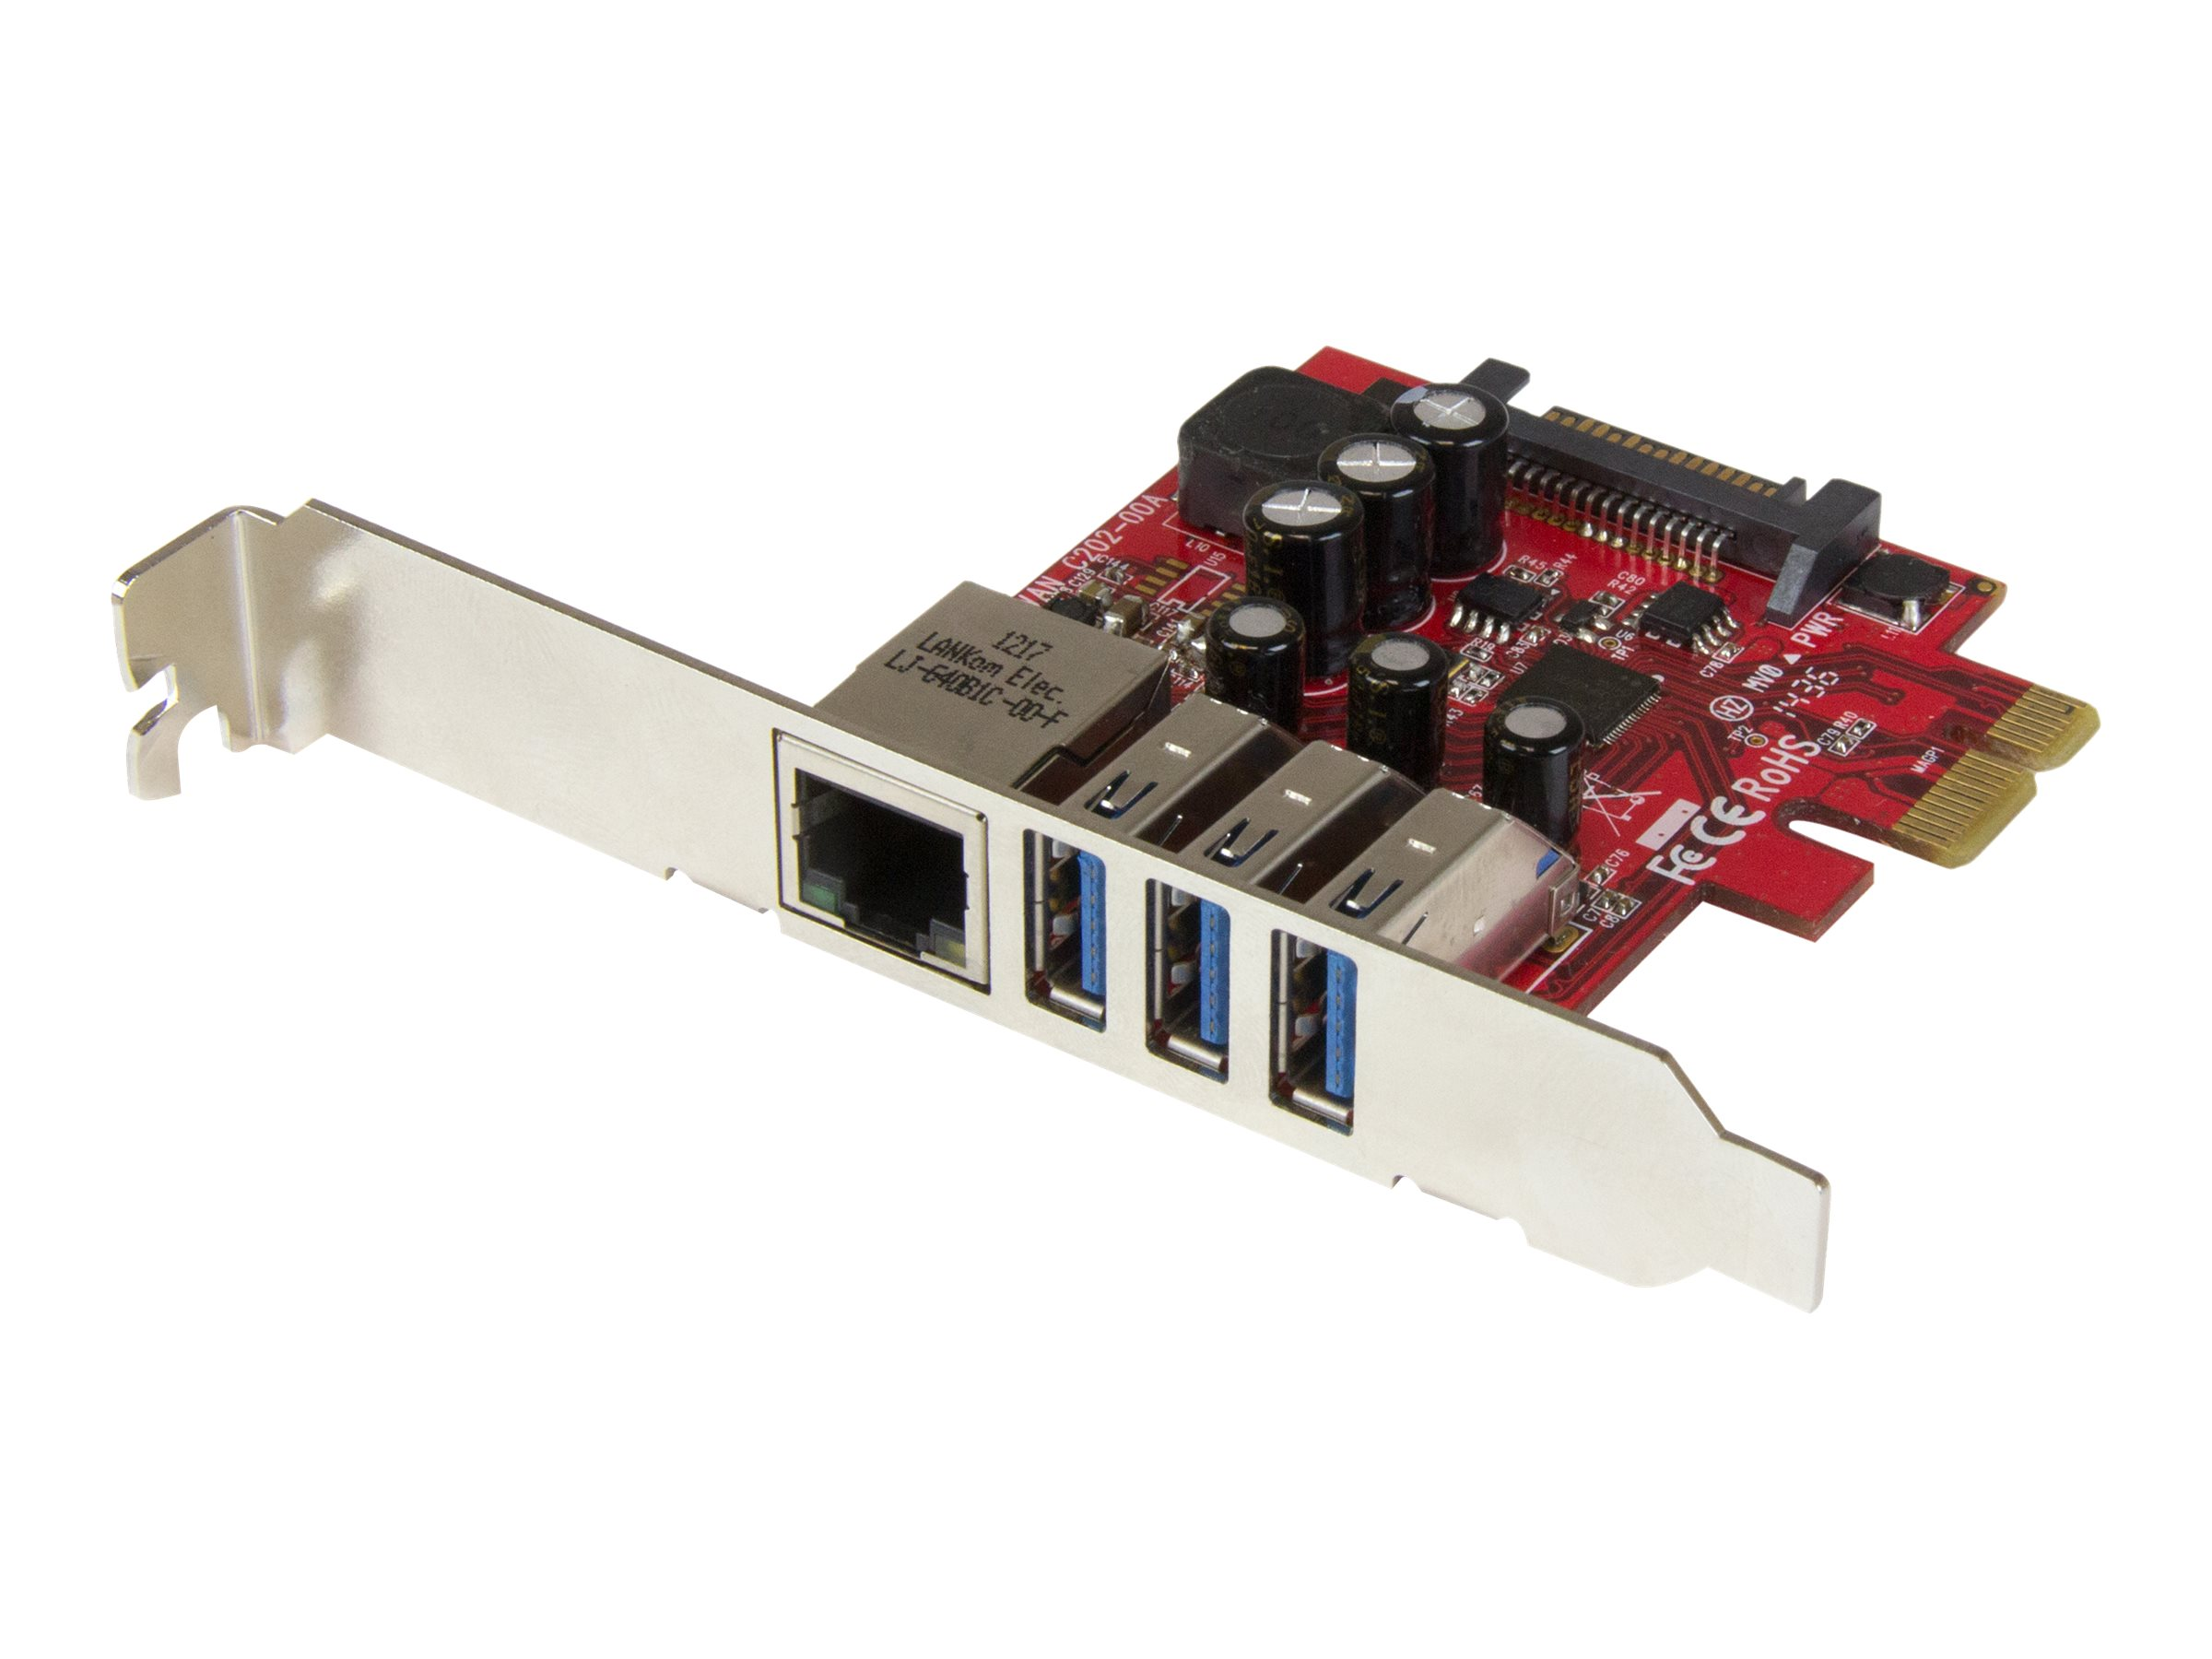 StarTech.com 3 Port PCI Express USB 3.0 Karte mit Gigabit Ethernet - 3-fach PCIe USB Schnittstellenkarte mit GbE Anschluss - Net